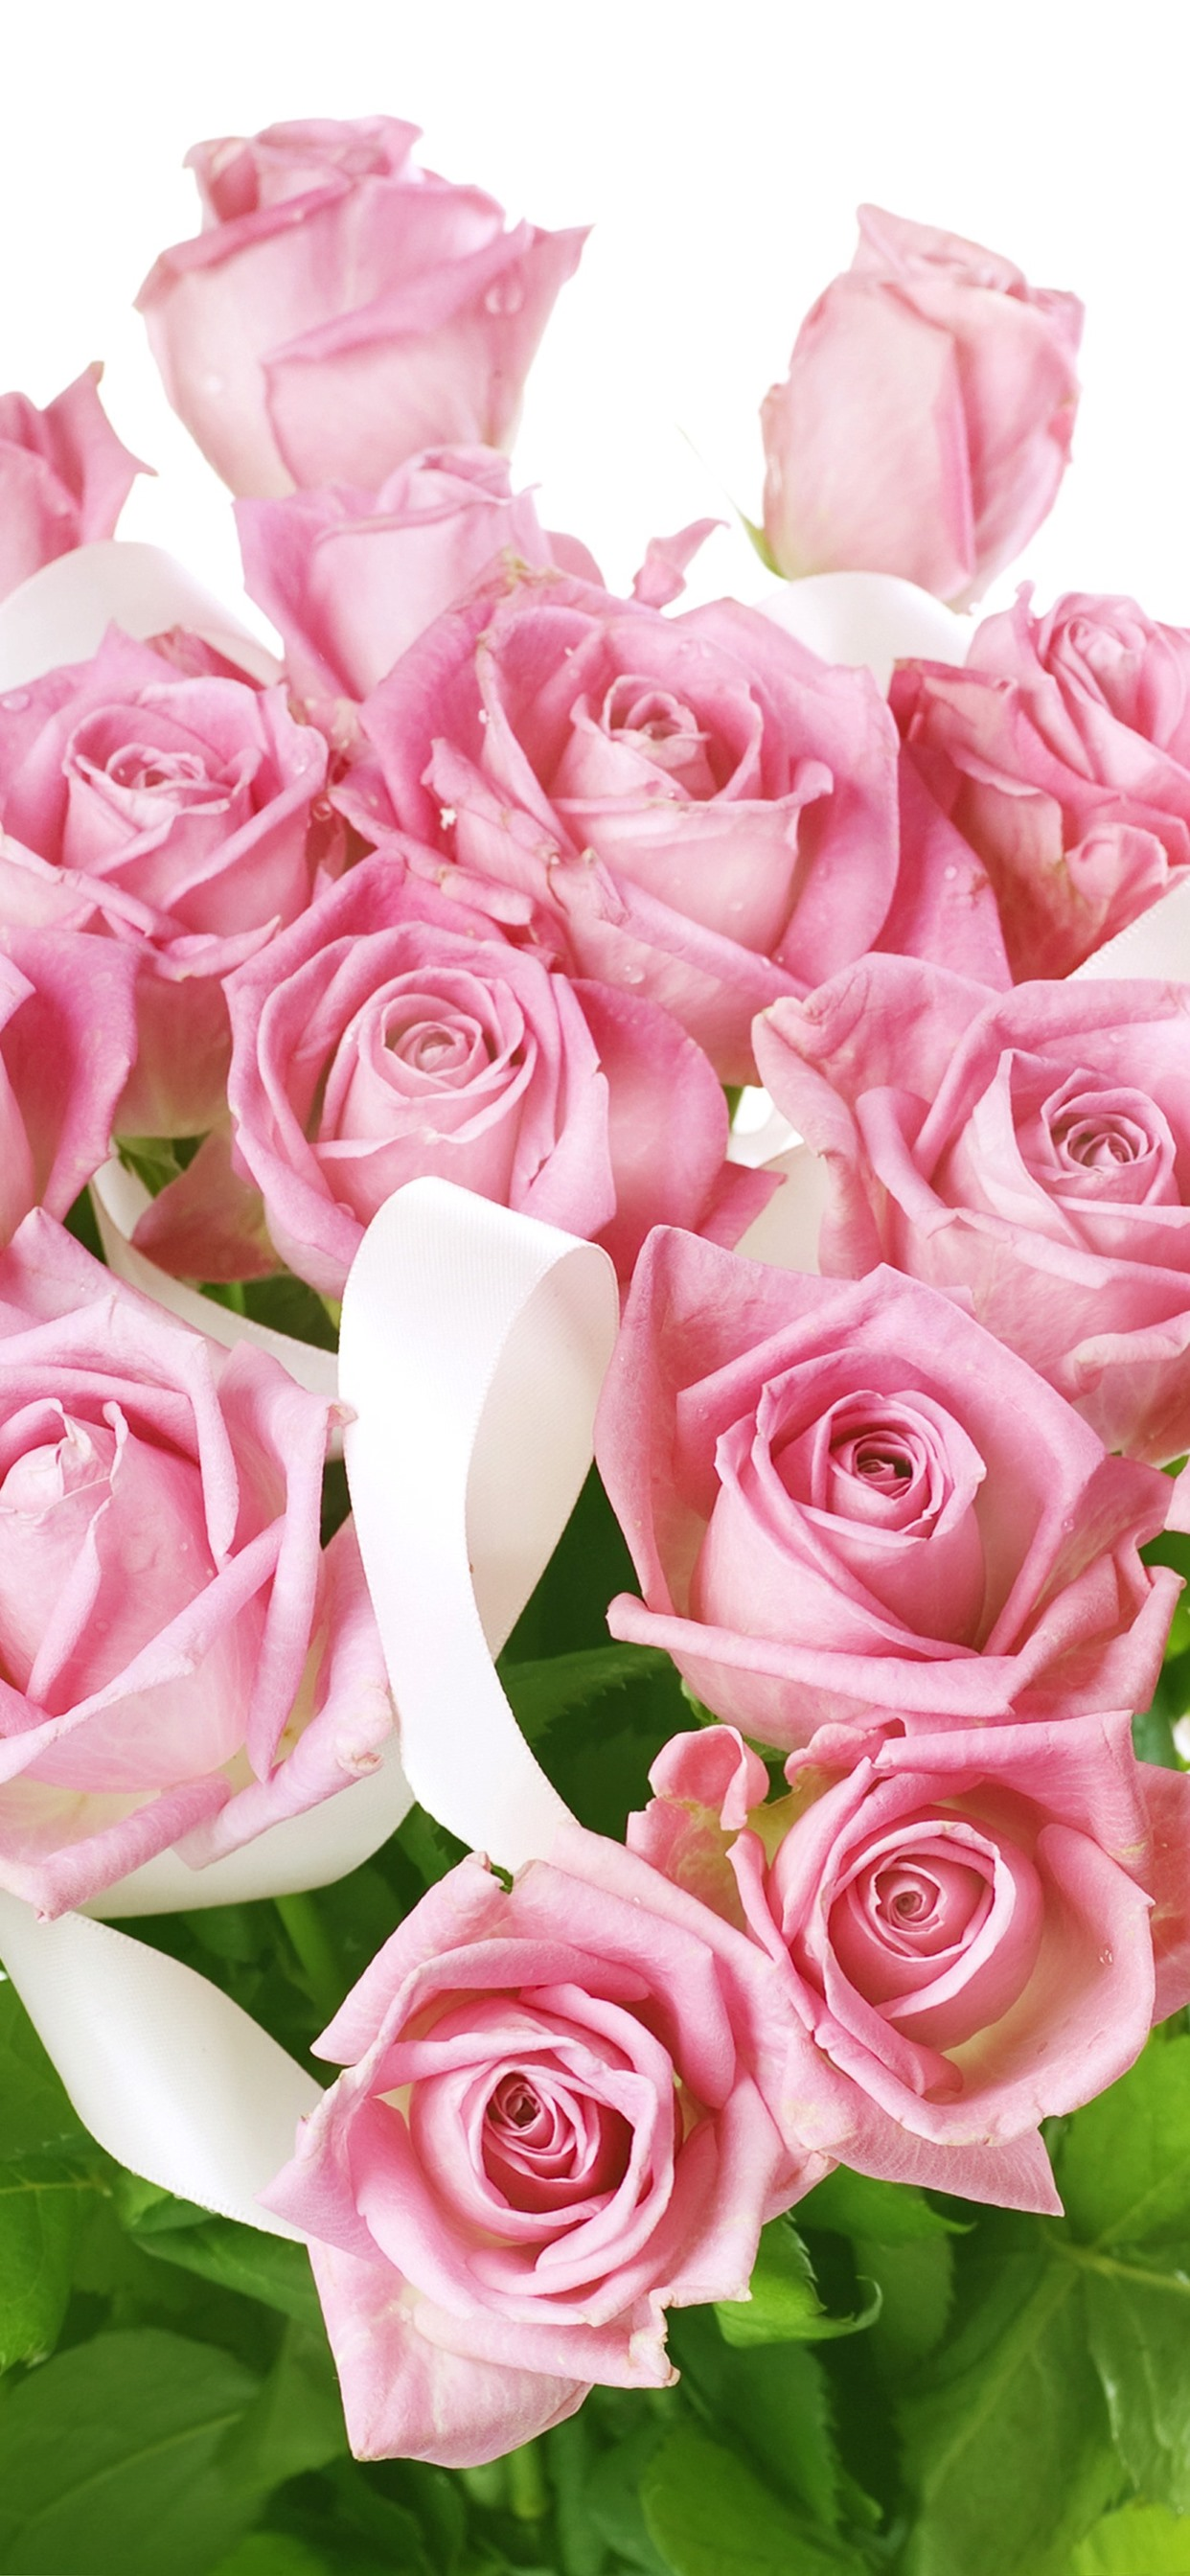 Iphone Xs Roses Wallpaper